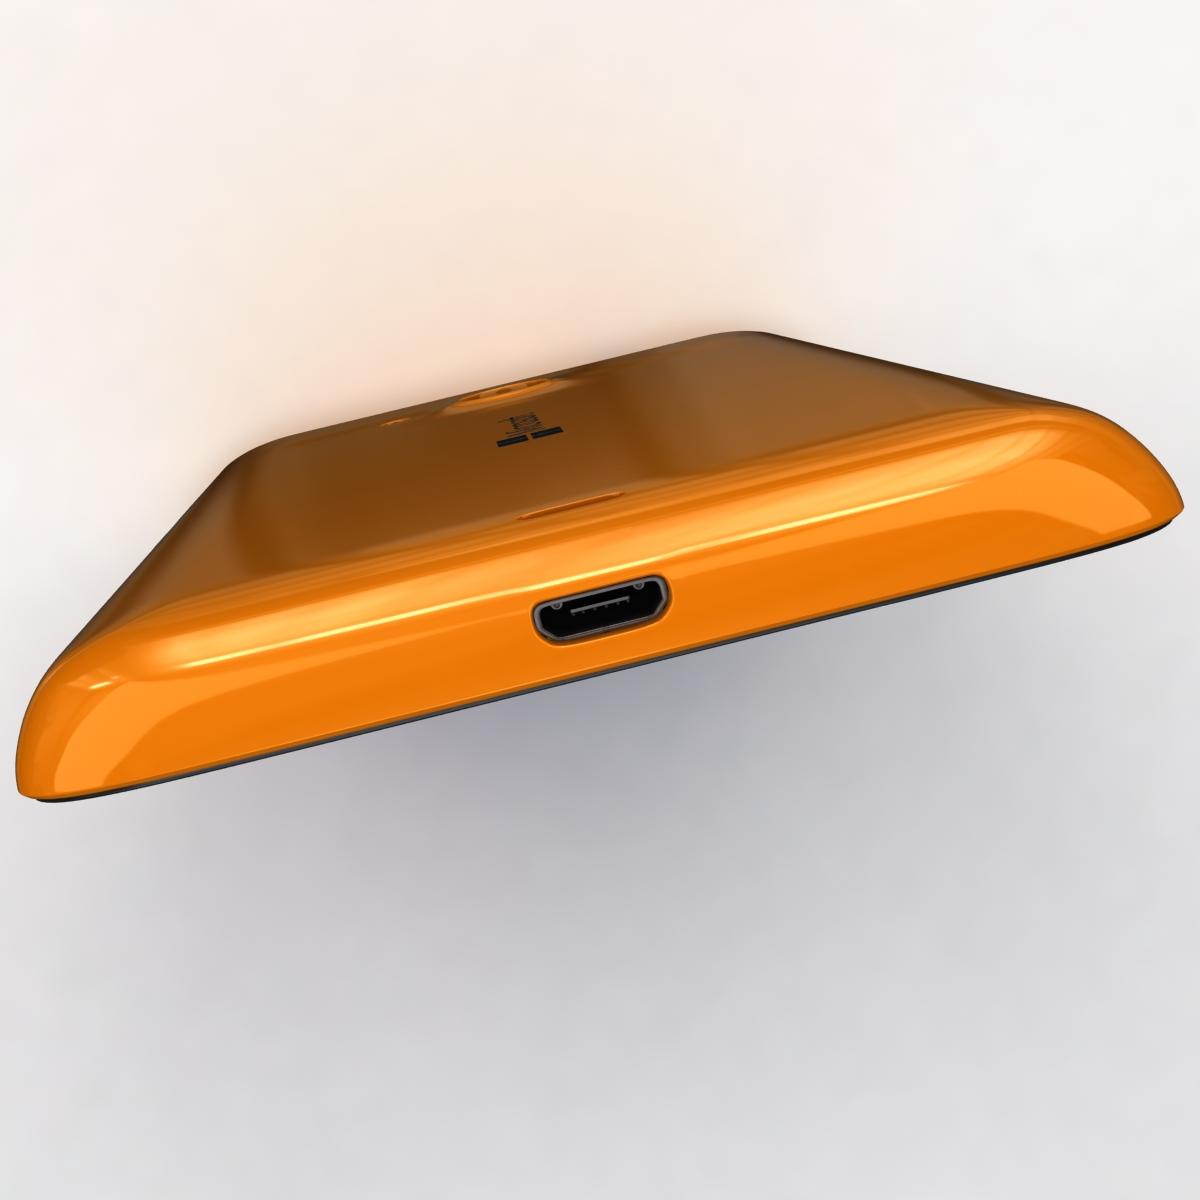 microsoft lumia 535 and dual sim all colors 3d model 3ds max fbx c4d obj 204668